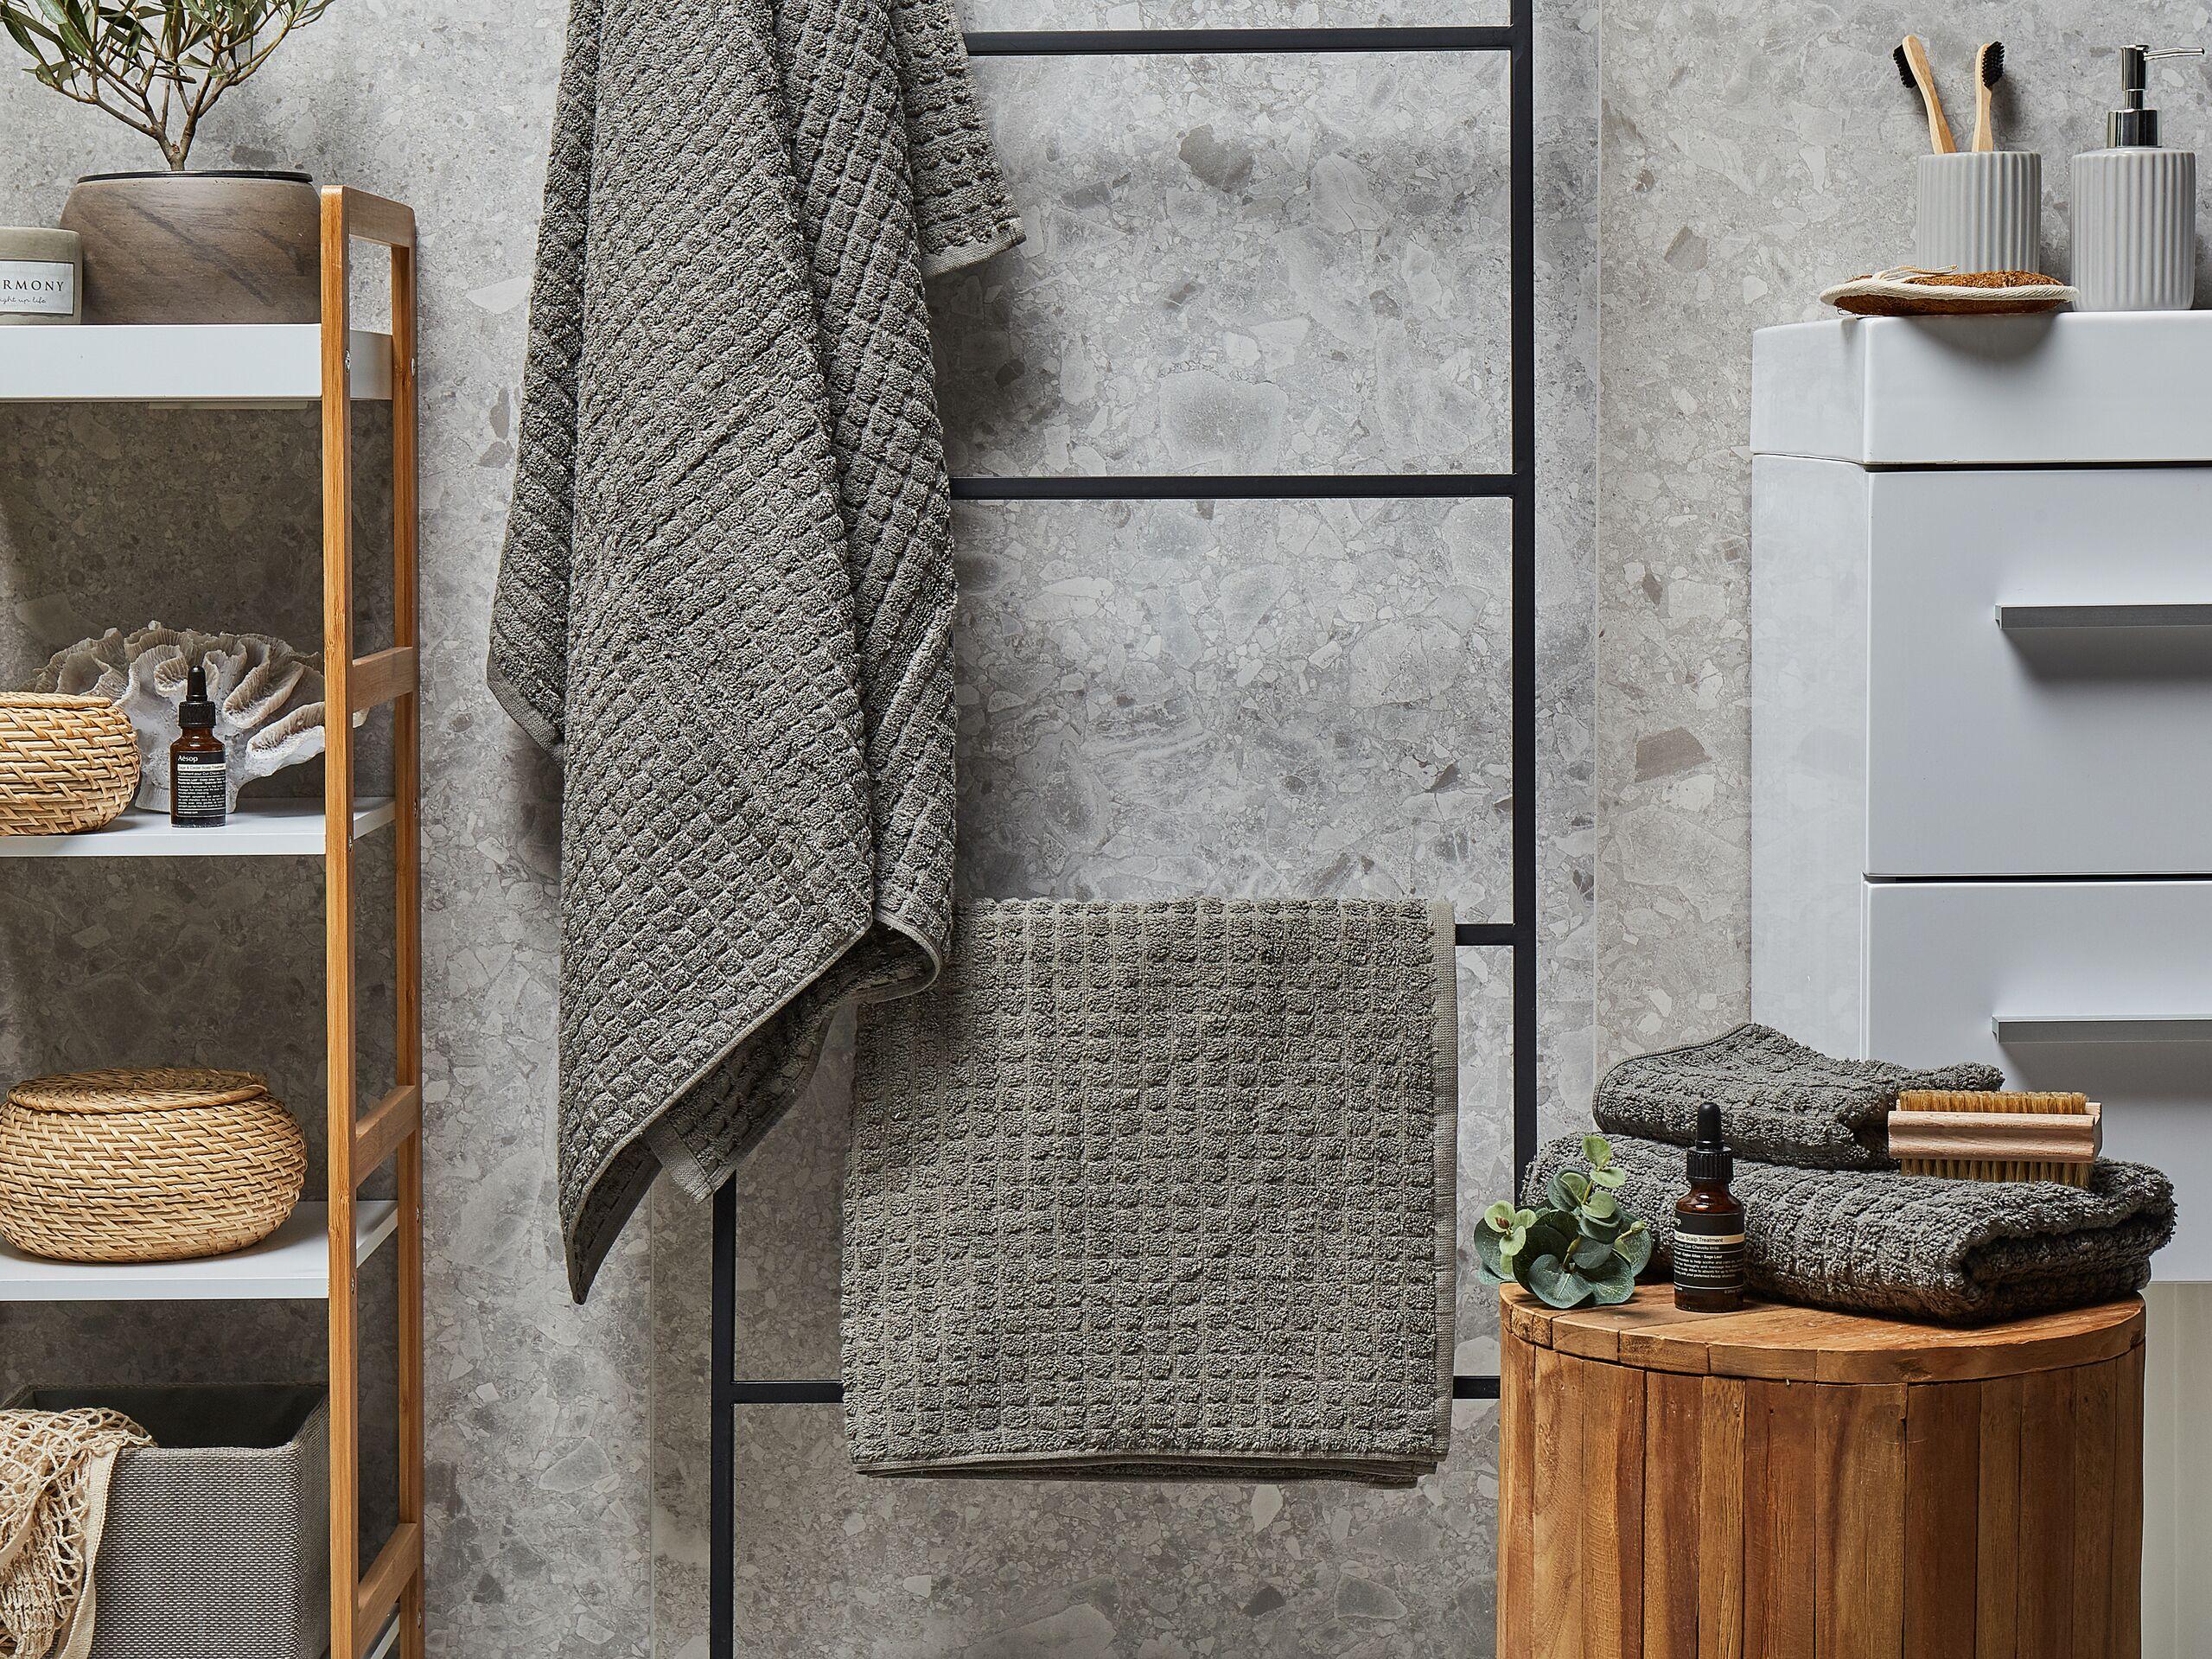 beliani set di 4 asciugamani grigi da bagno in morbido cotone low twist accessori bagno